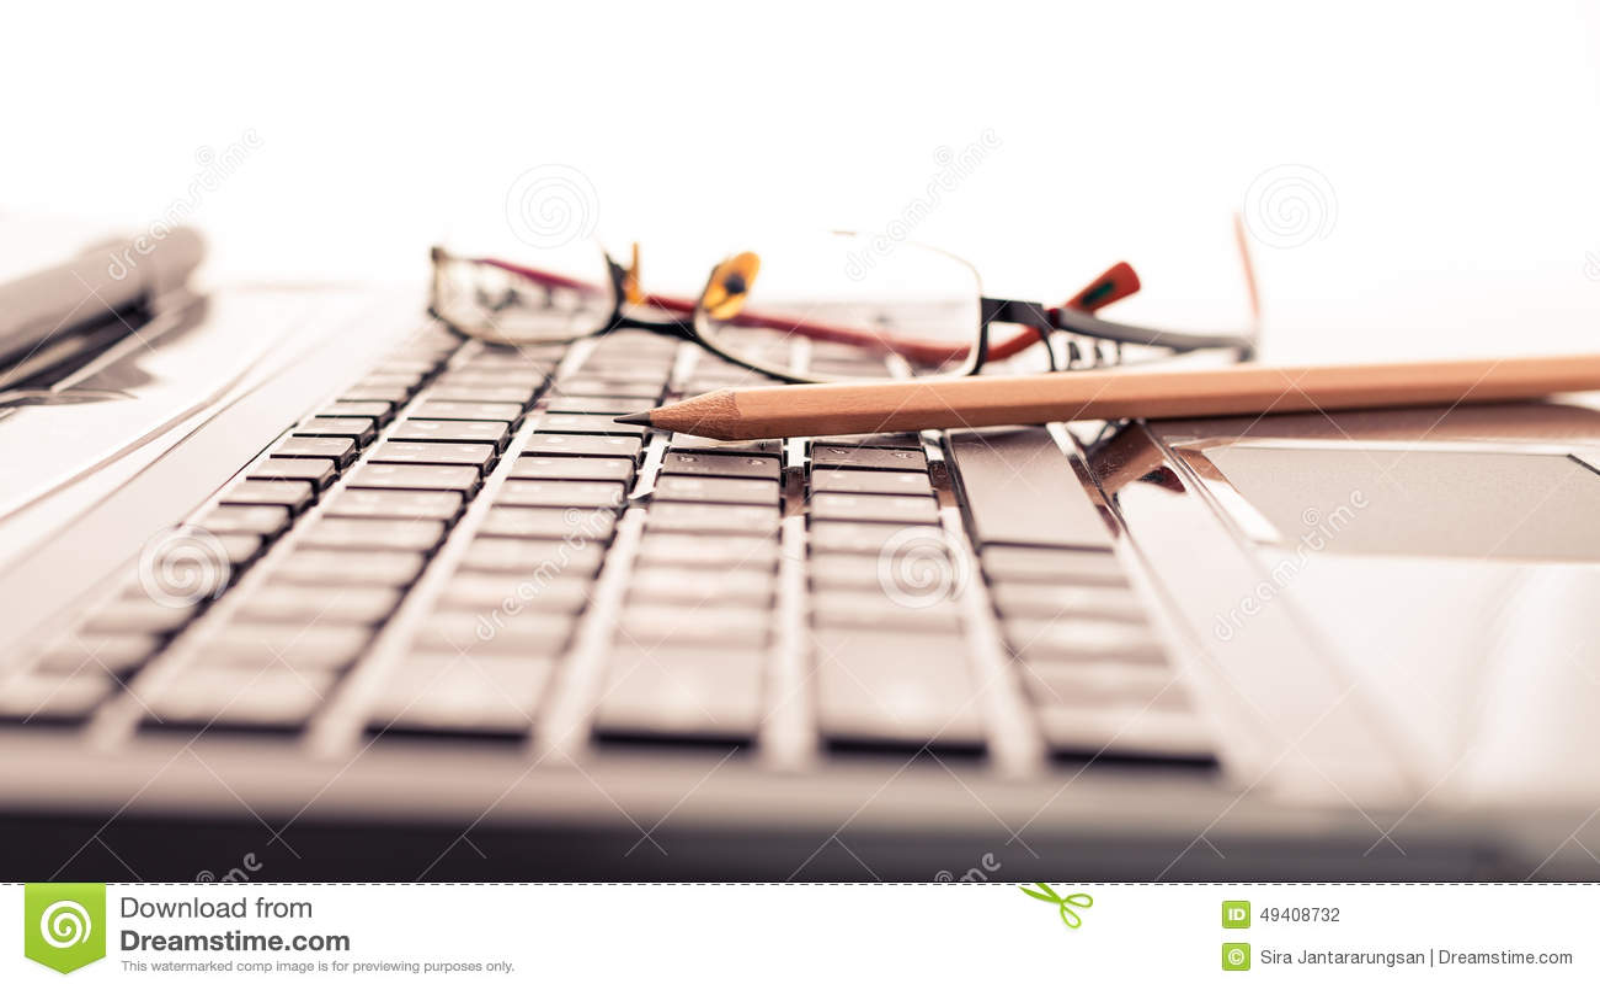 Download Moderner Geschäftsschreibtisch Mit Laptop, Bleistift Und Gläsern Stockfoto - Bild von laptop, informationen: 49408732